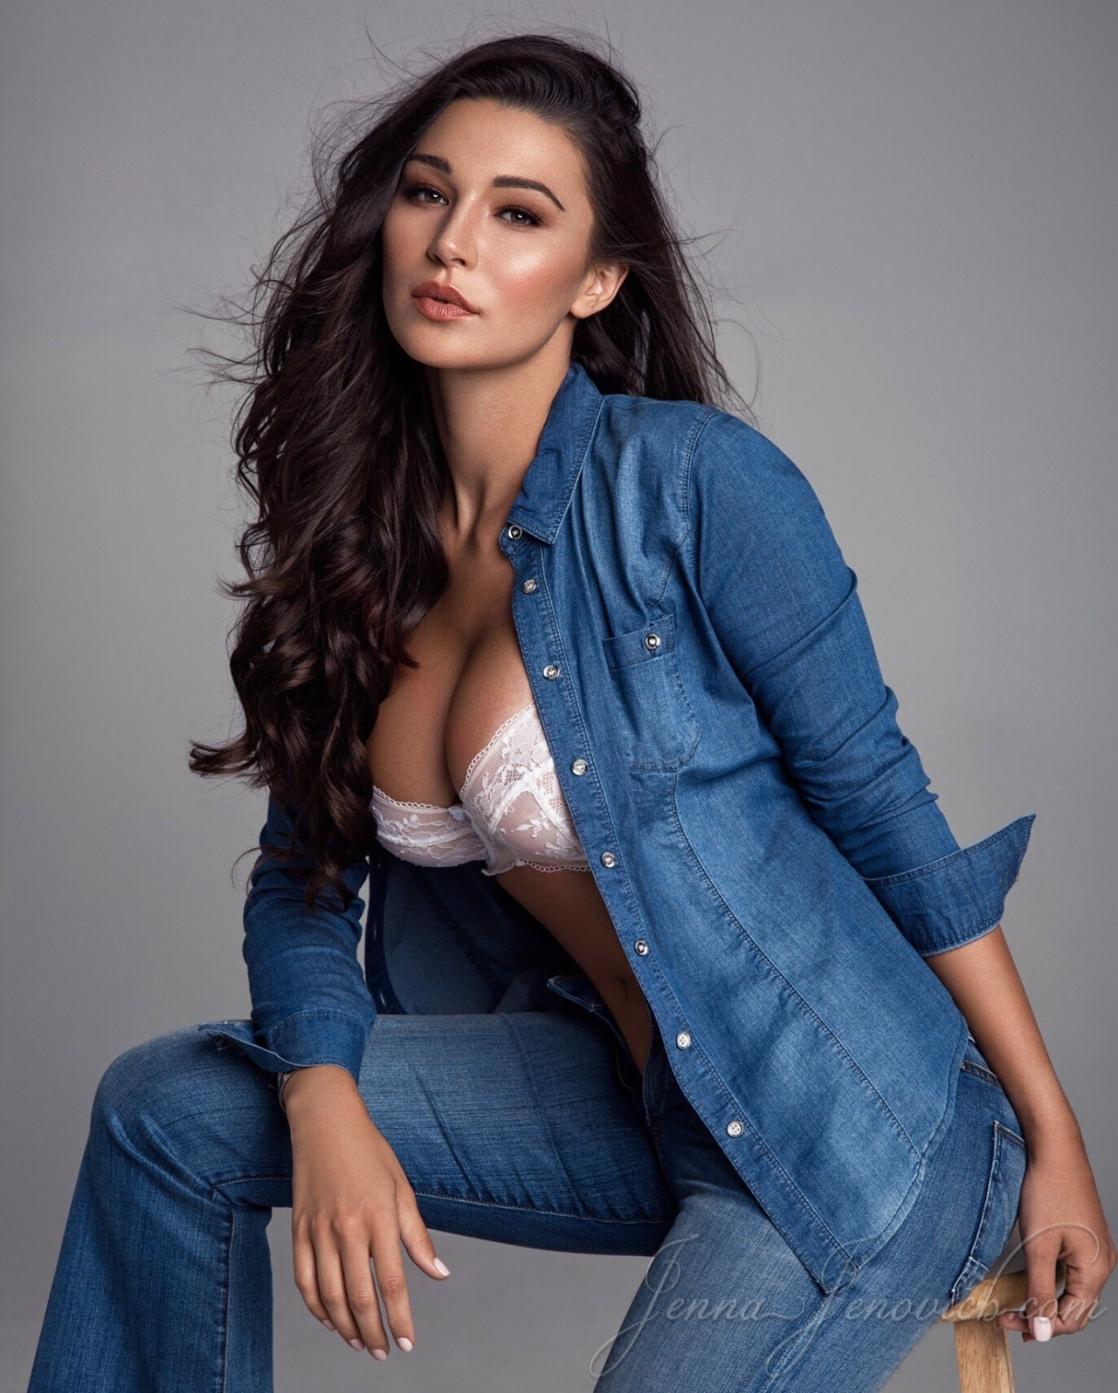 Jenna Jenovich